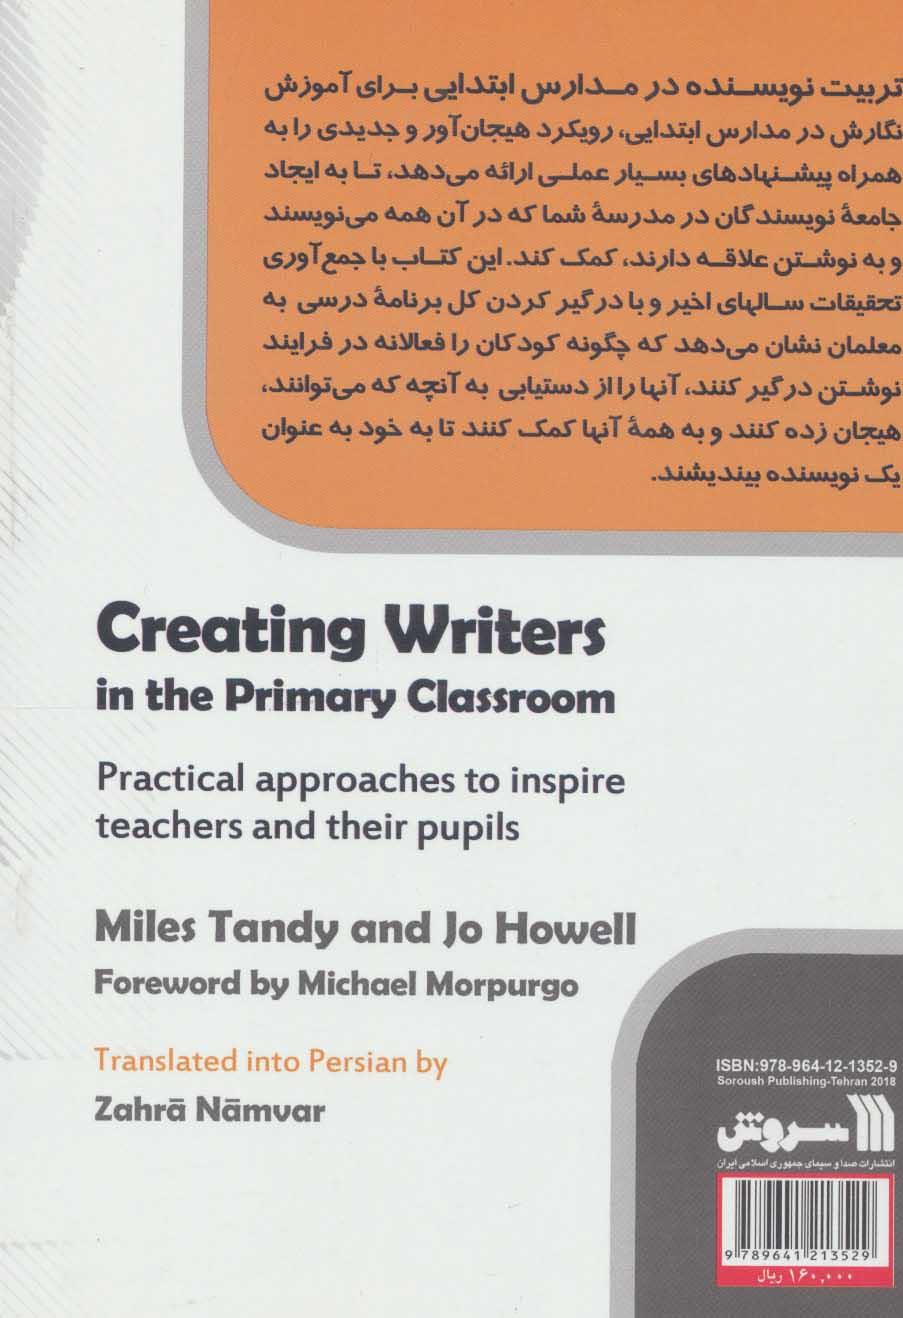 تربیت نویسنده در مدارس ابتدیی (رویکردهای عملی برای معلمان و دانش آموزان)